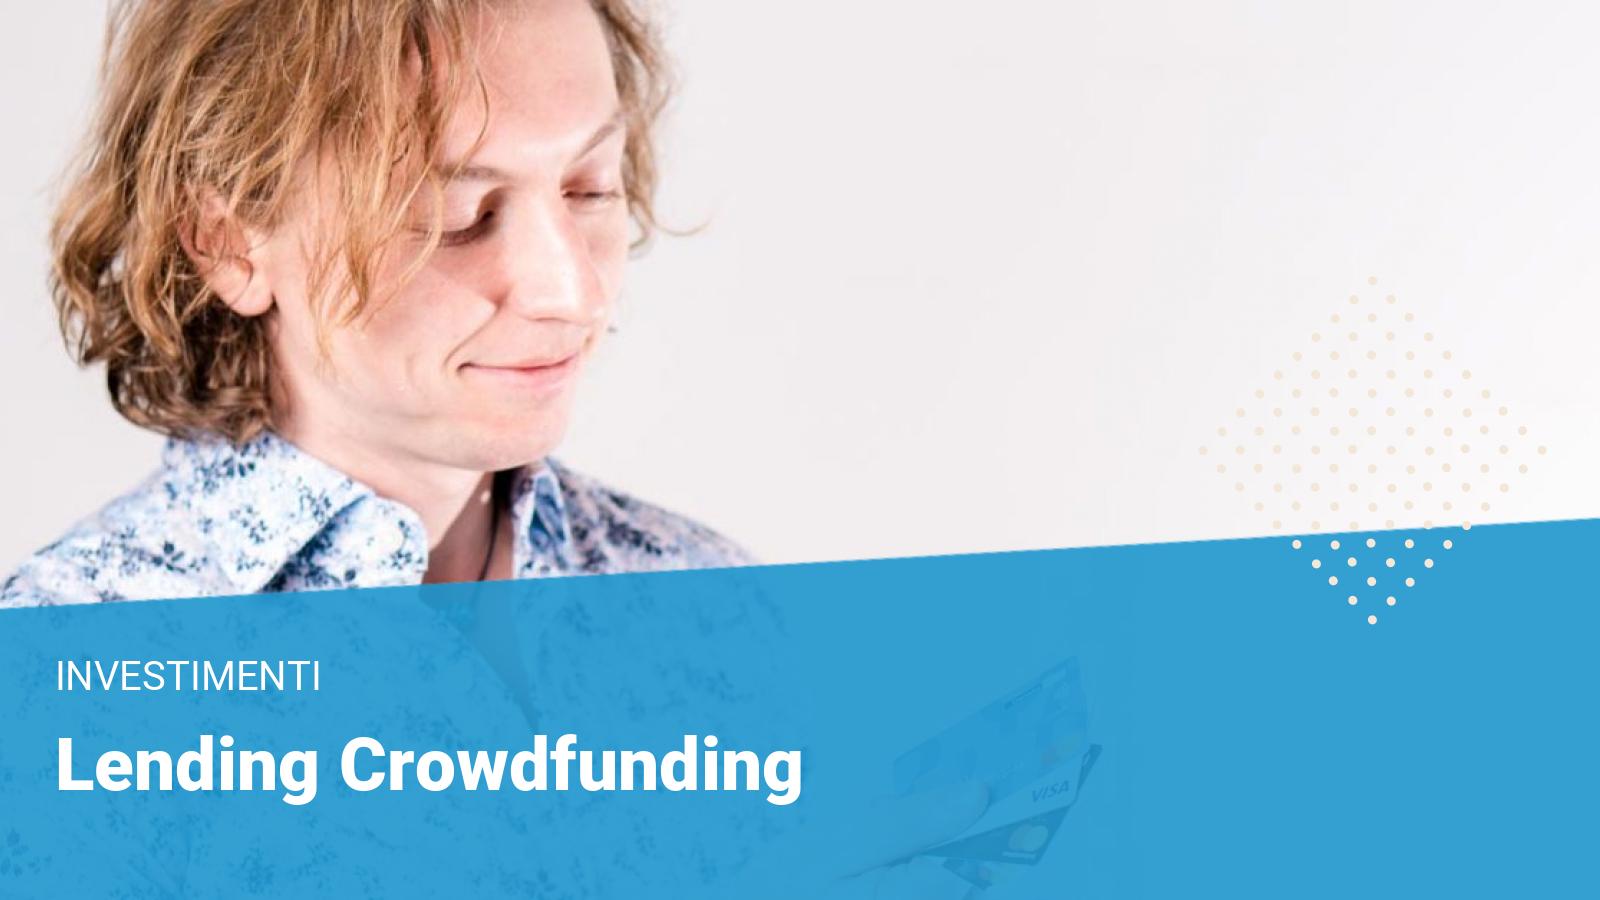 Lending crowdfunding - Financer.com Italia